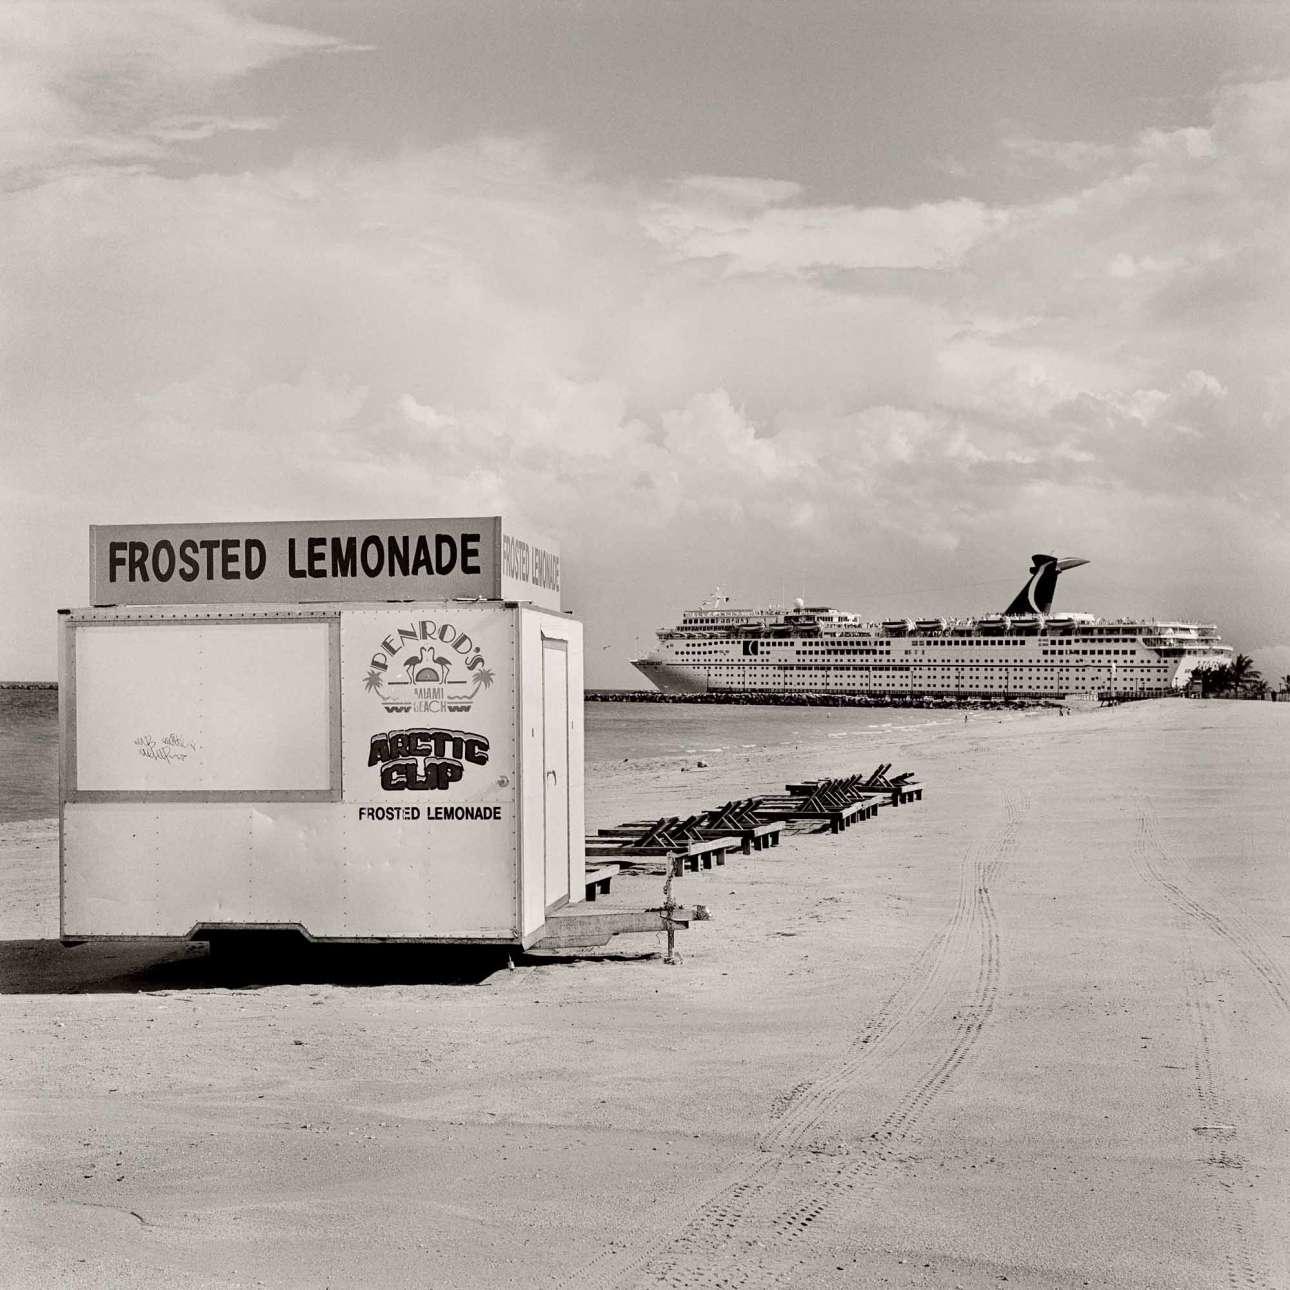 Κρουαζιερόπλοιο αναχωρεί από το λιμάνι του Μαϊάμι, 1988